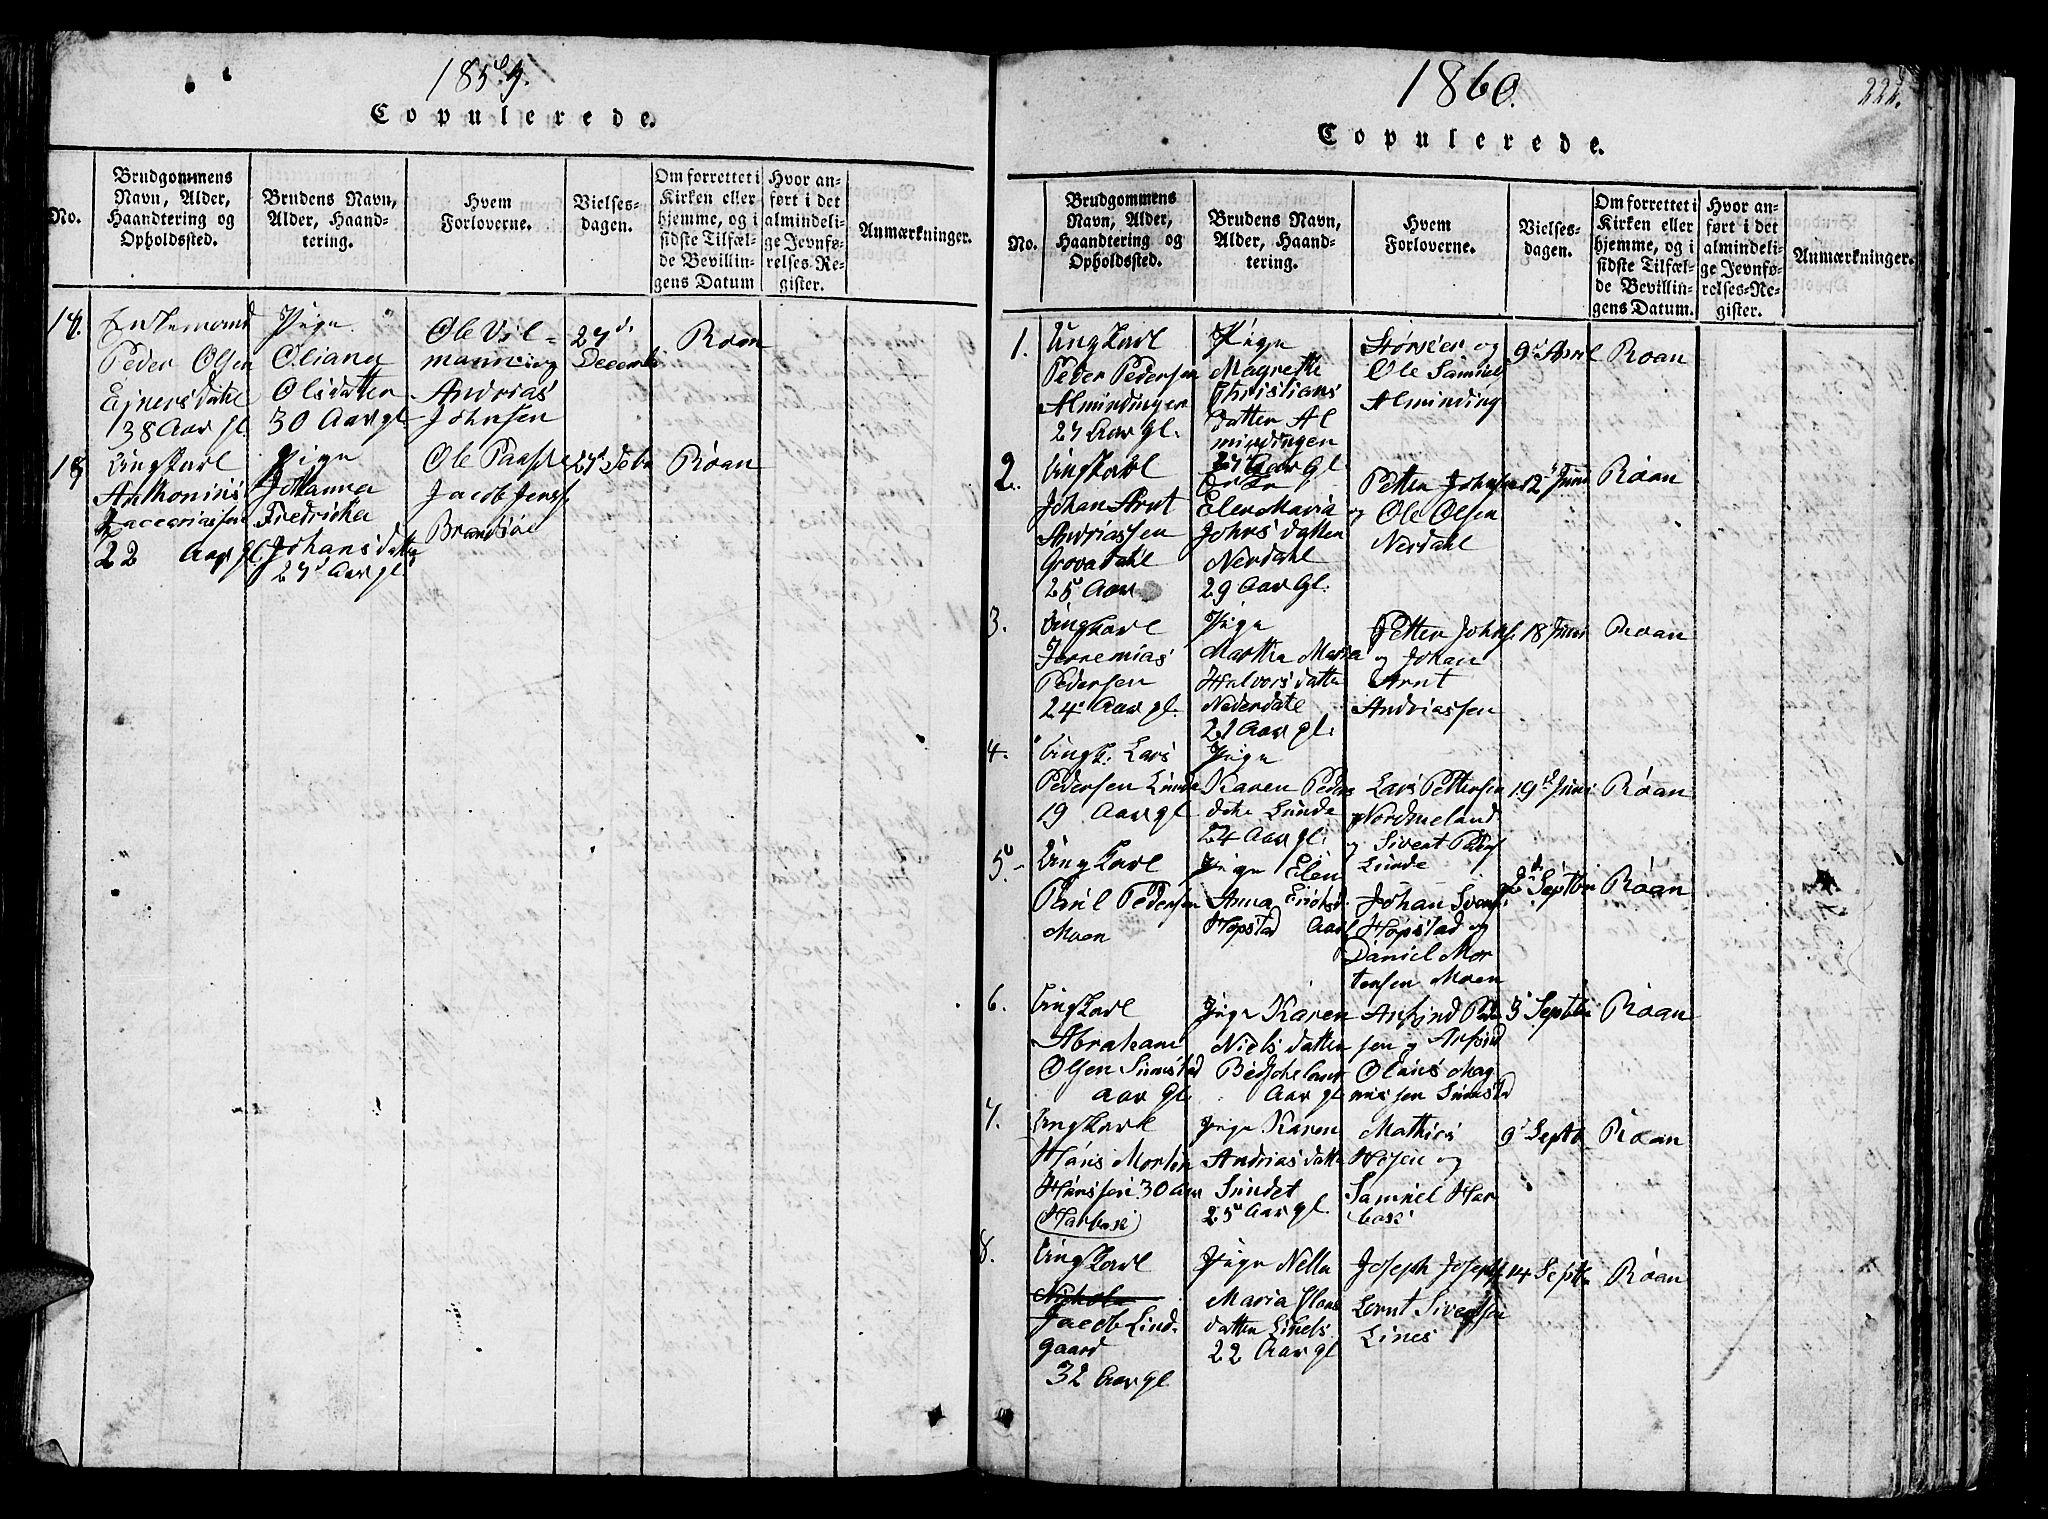 SAT, Ministerialprotokoller, klokkerbøker og fødselsregistre - Sør-Trøndelag, 657/L0714: Klokkerbok nr. 657C01, 1818-1868, s. 222